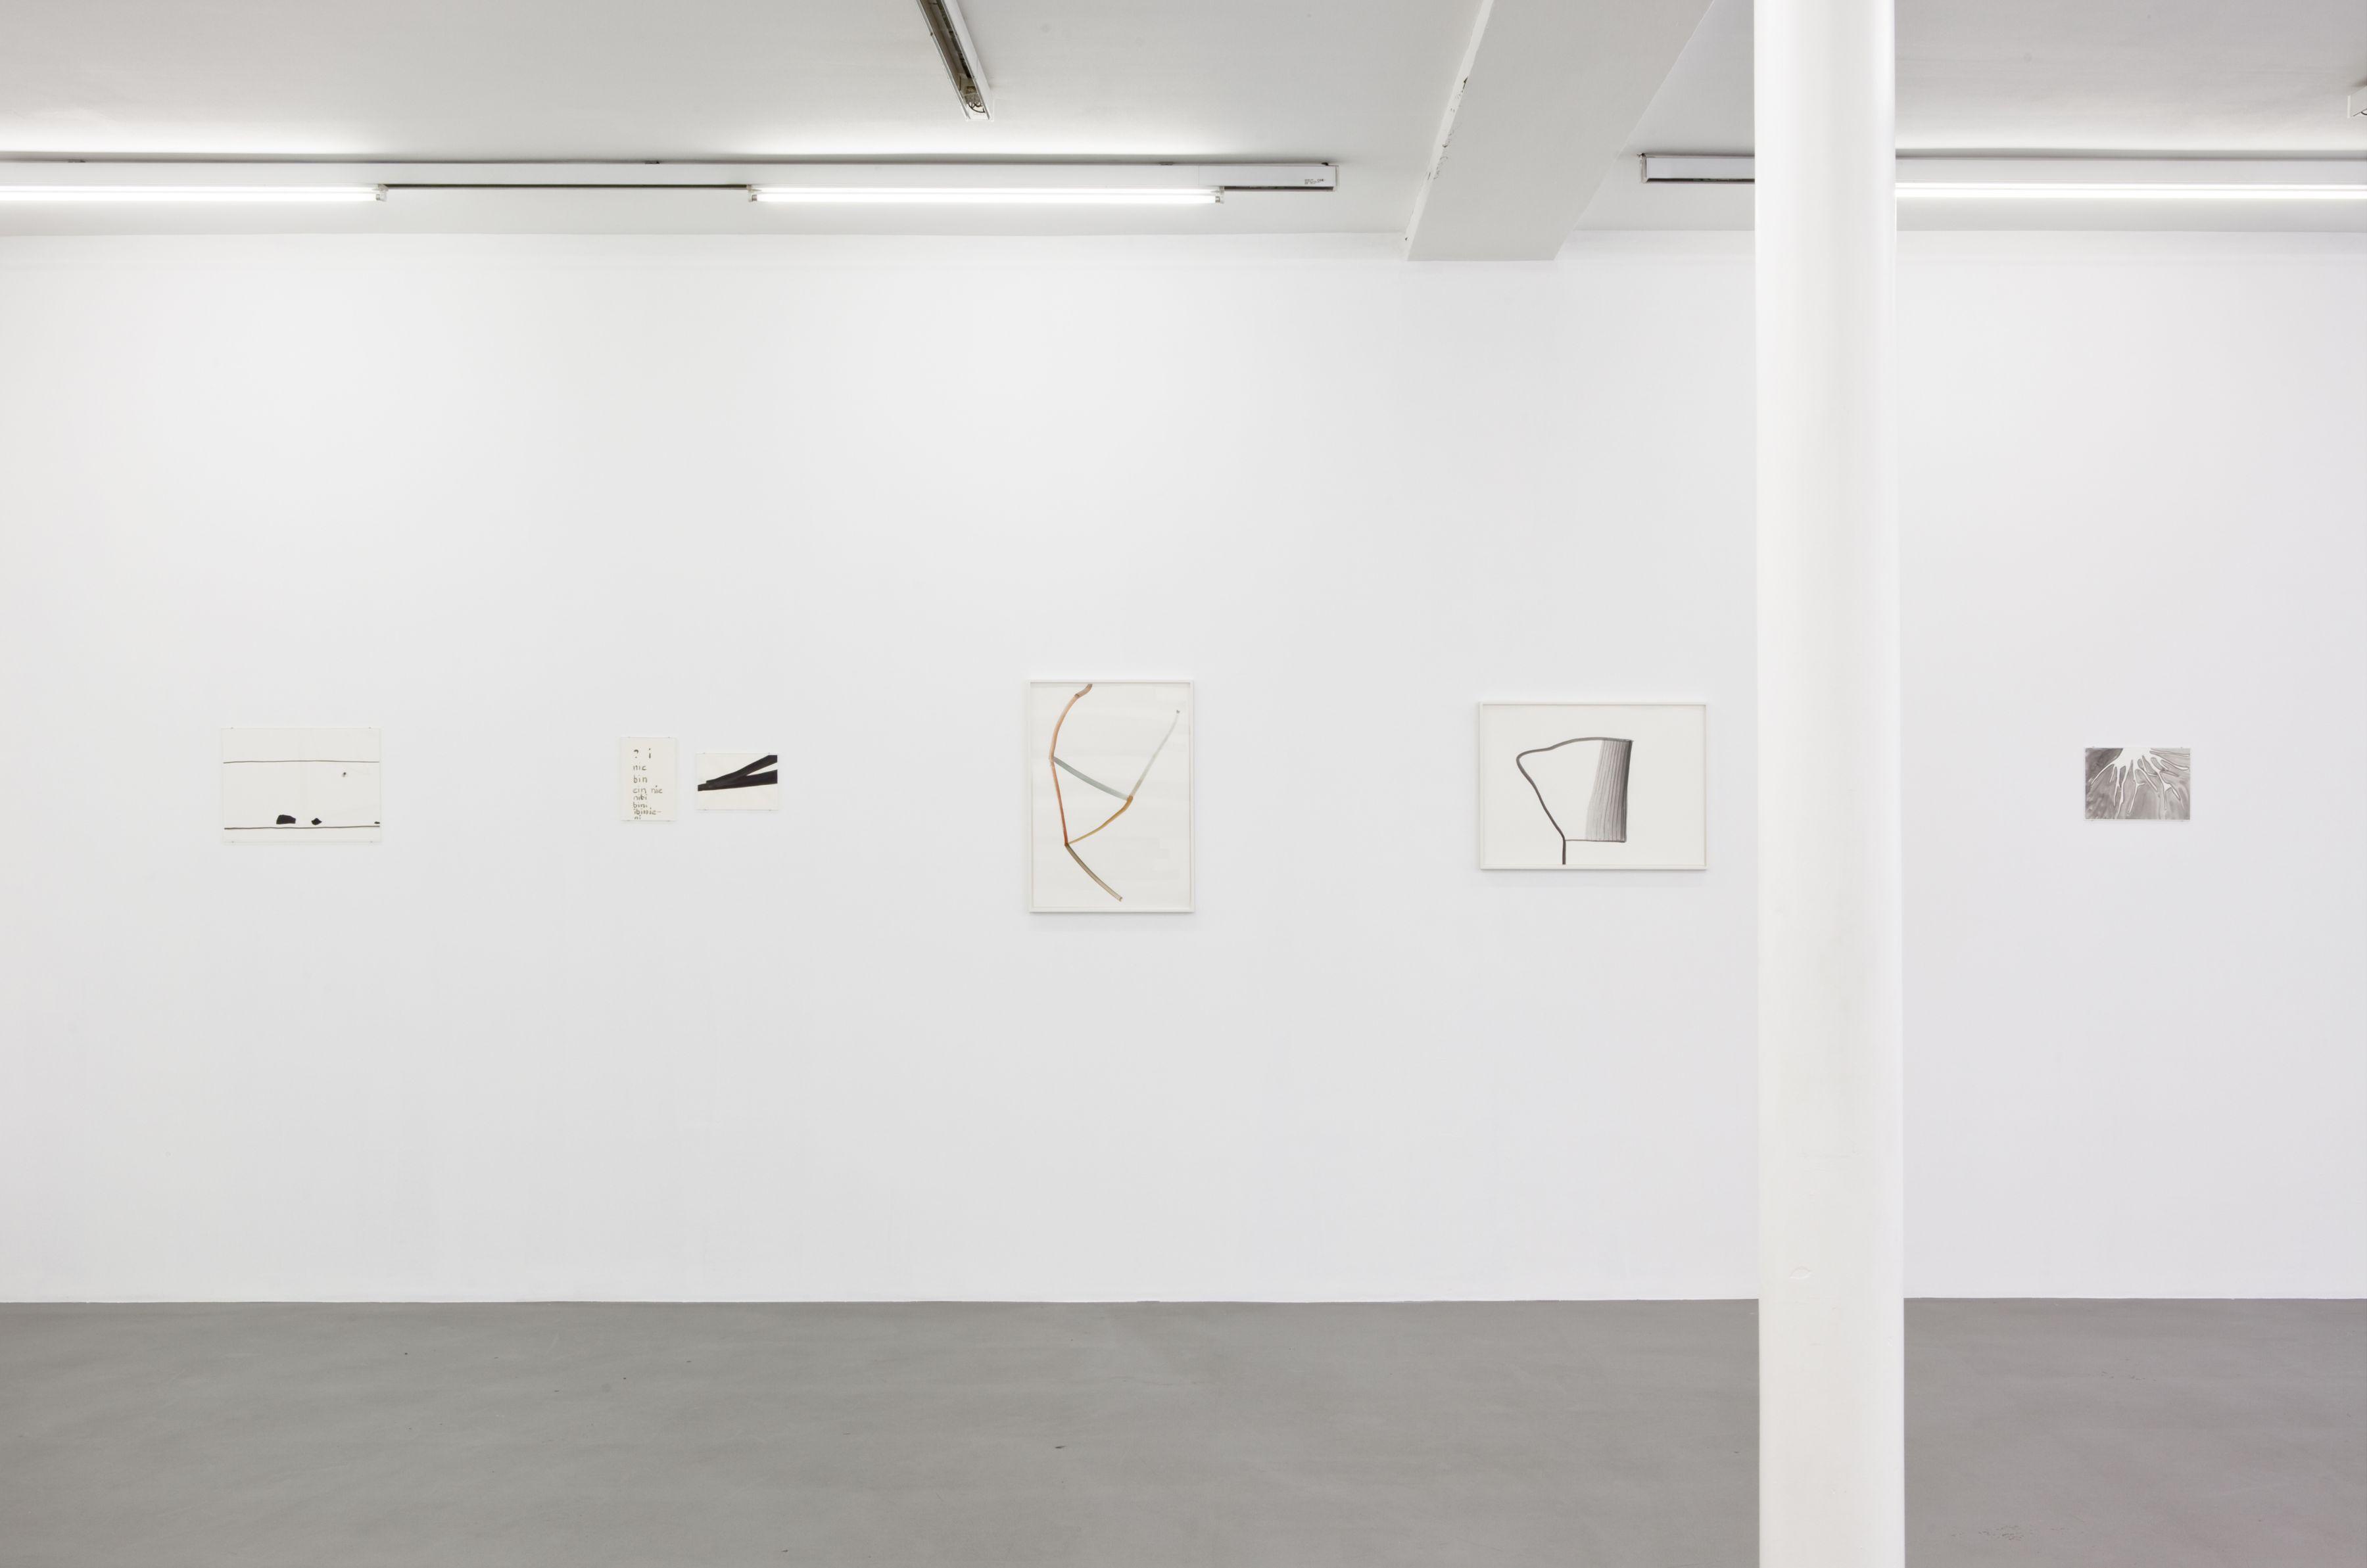 Silvia Bächli, Peter Freeman, Inc., Paris